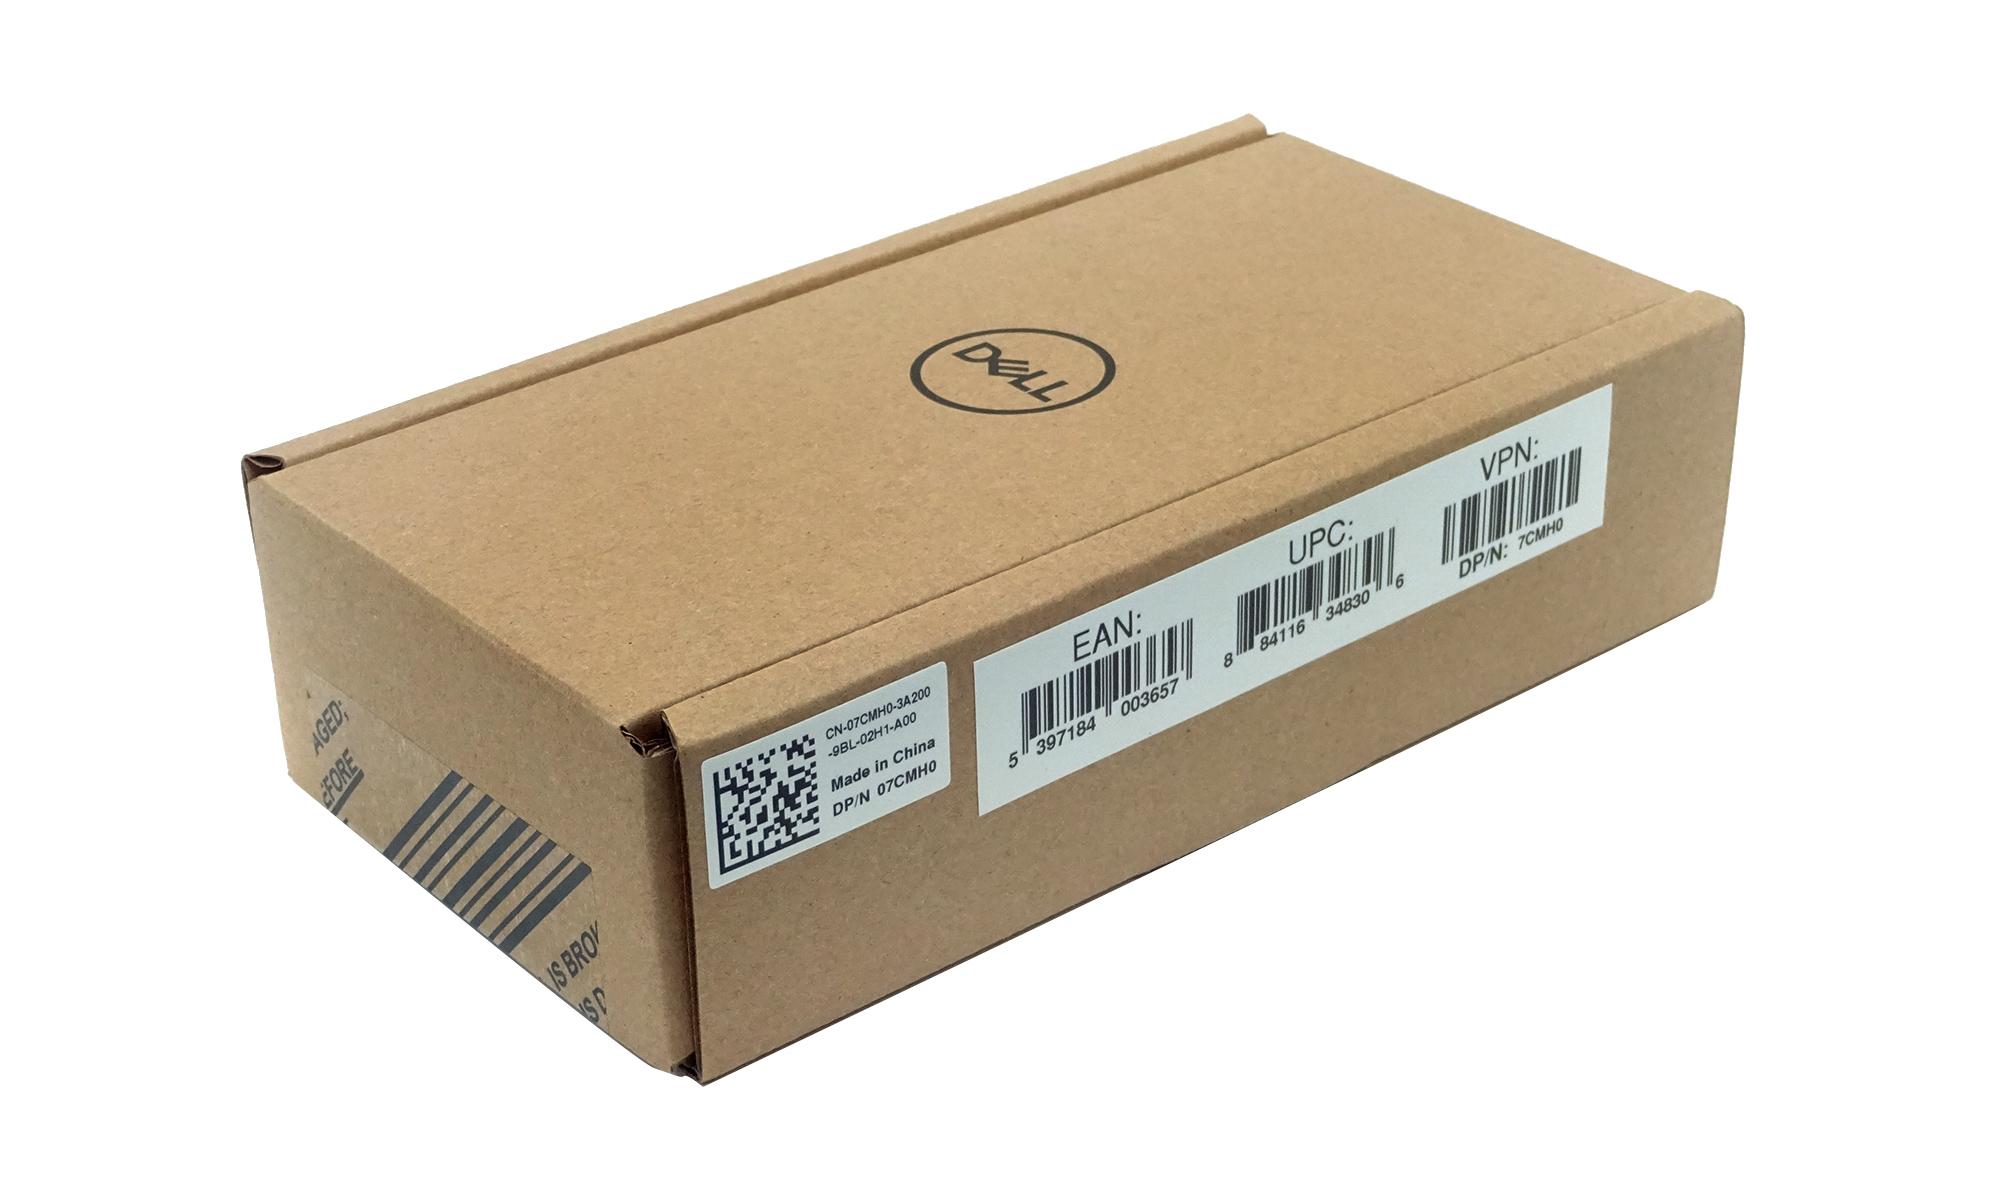 Alimentator Dell Wyse 3040 Thin Client, 12V, 2A, 24W, mufa 4.0 x 1.0 mm, model 7CMH0